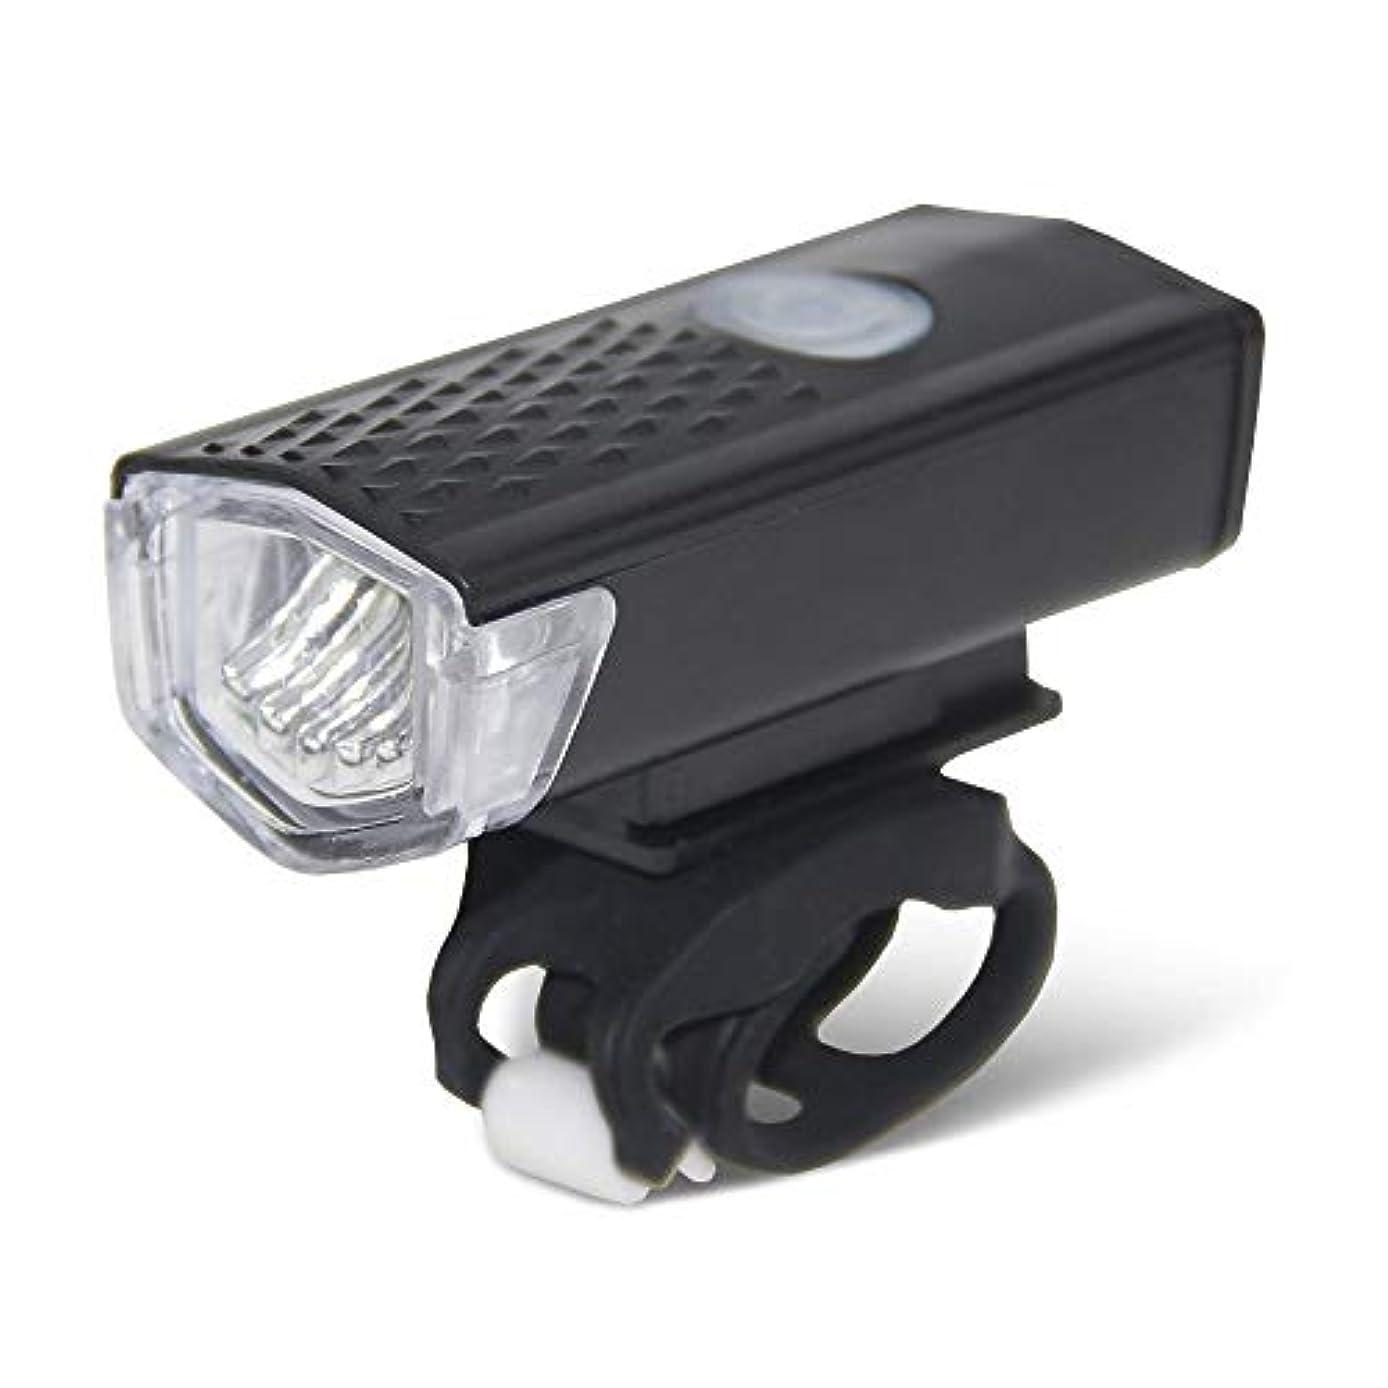 通貨一元化する掘るUSB充電式自転車ライト LED自転車ライトセット、充電式フロントライトテールライトコンビネーションLED自転車ライトセット、3モード、IPX4防水バイクライト (Color : Black)